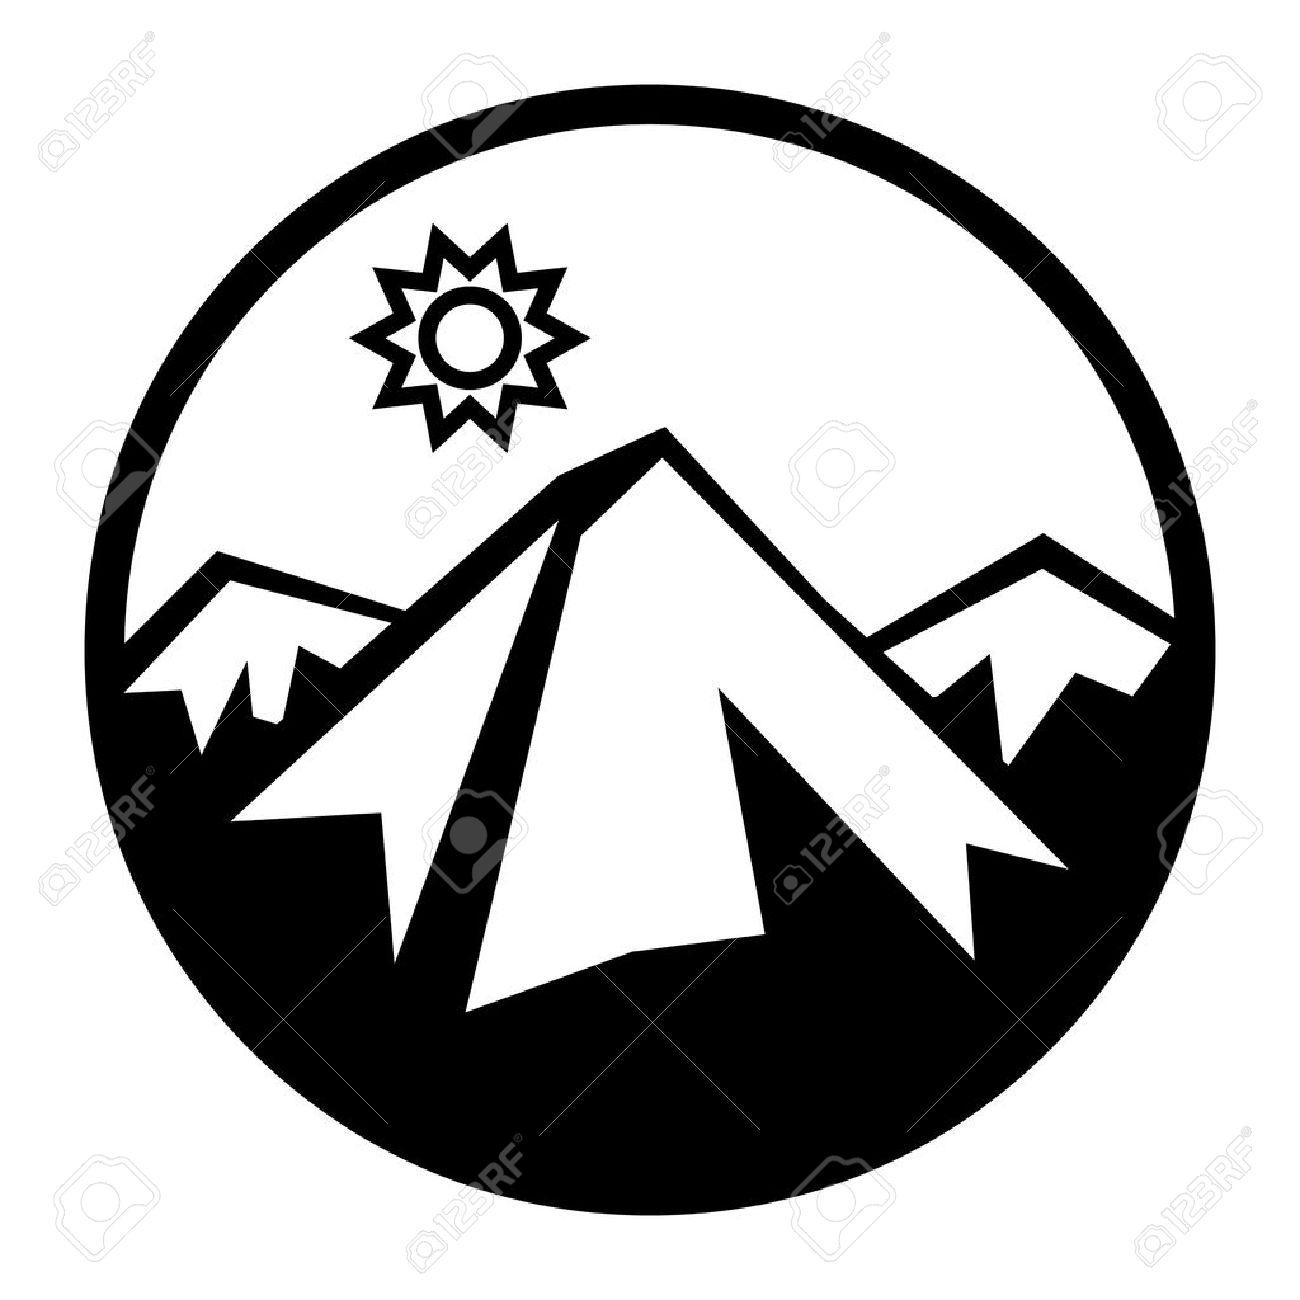 Mountains and sun icon Stock Vector - 14169822